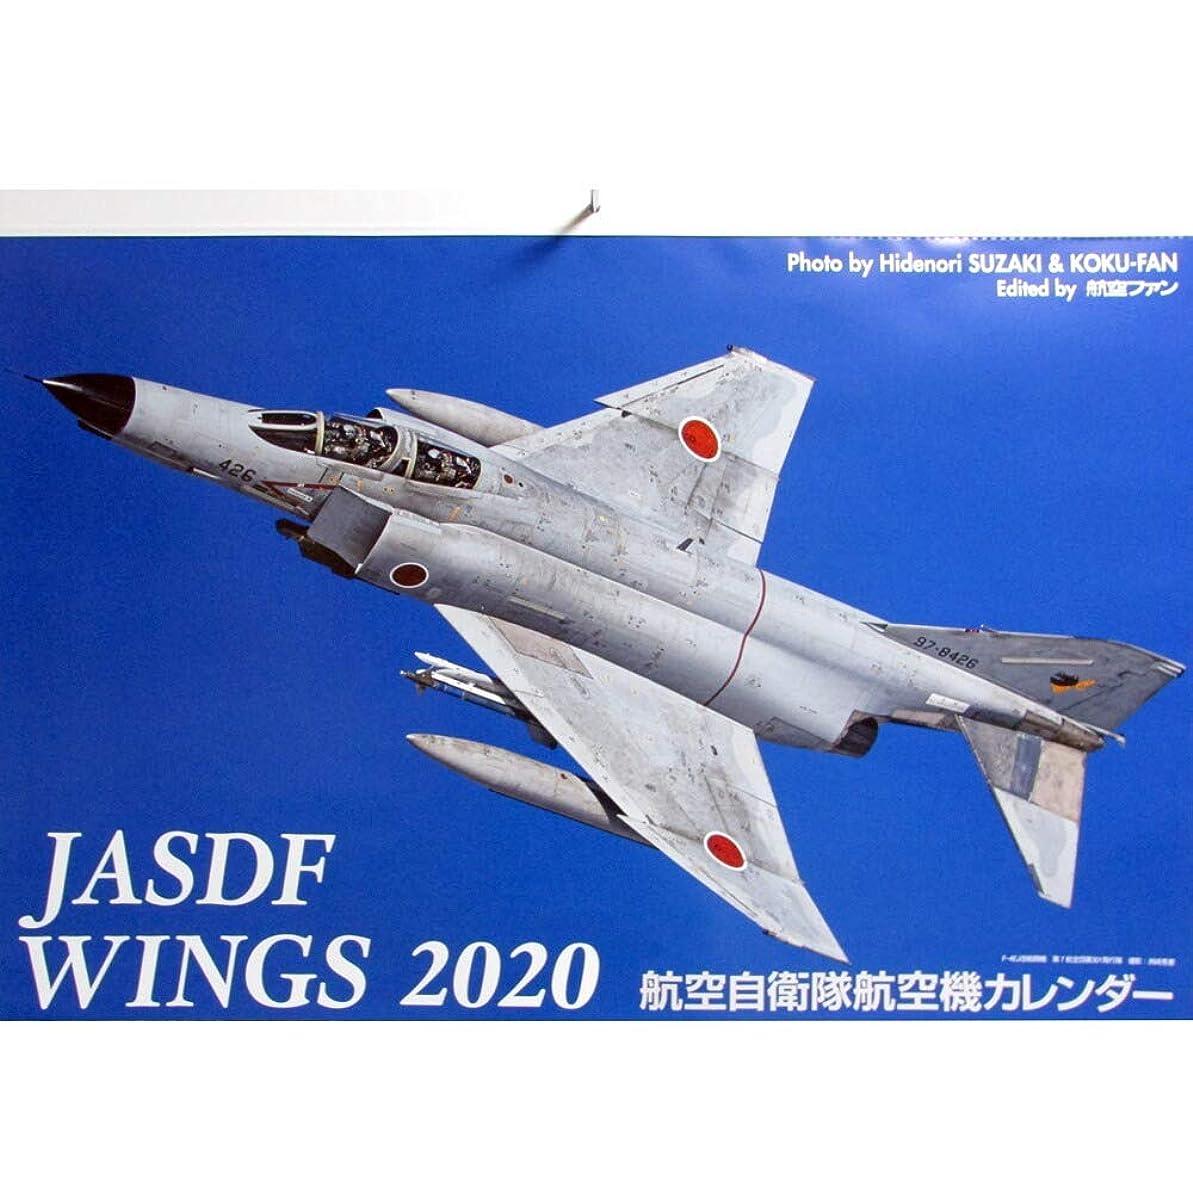 年金受給者リール利益自衛隊グッズ 航空ファン カレンダー 航空自衛隊 2020 A2判